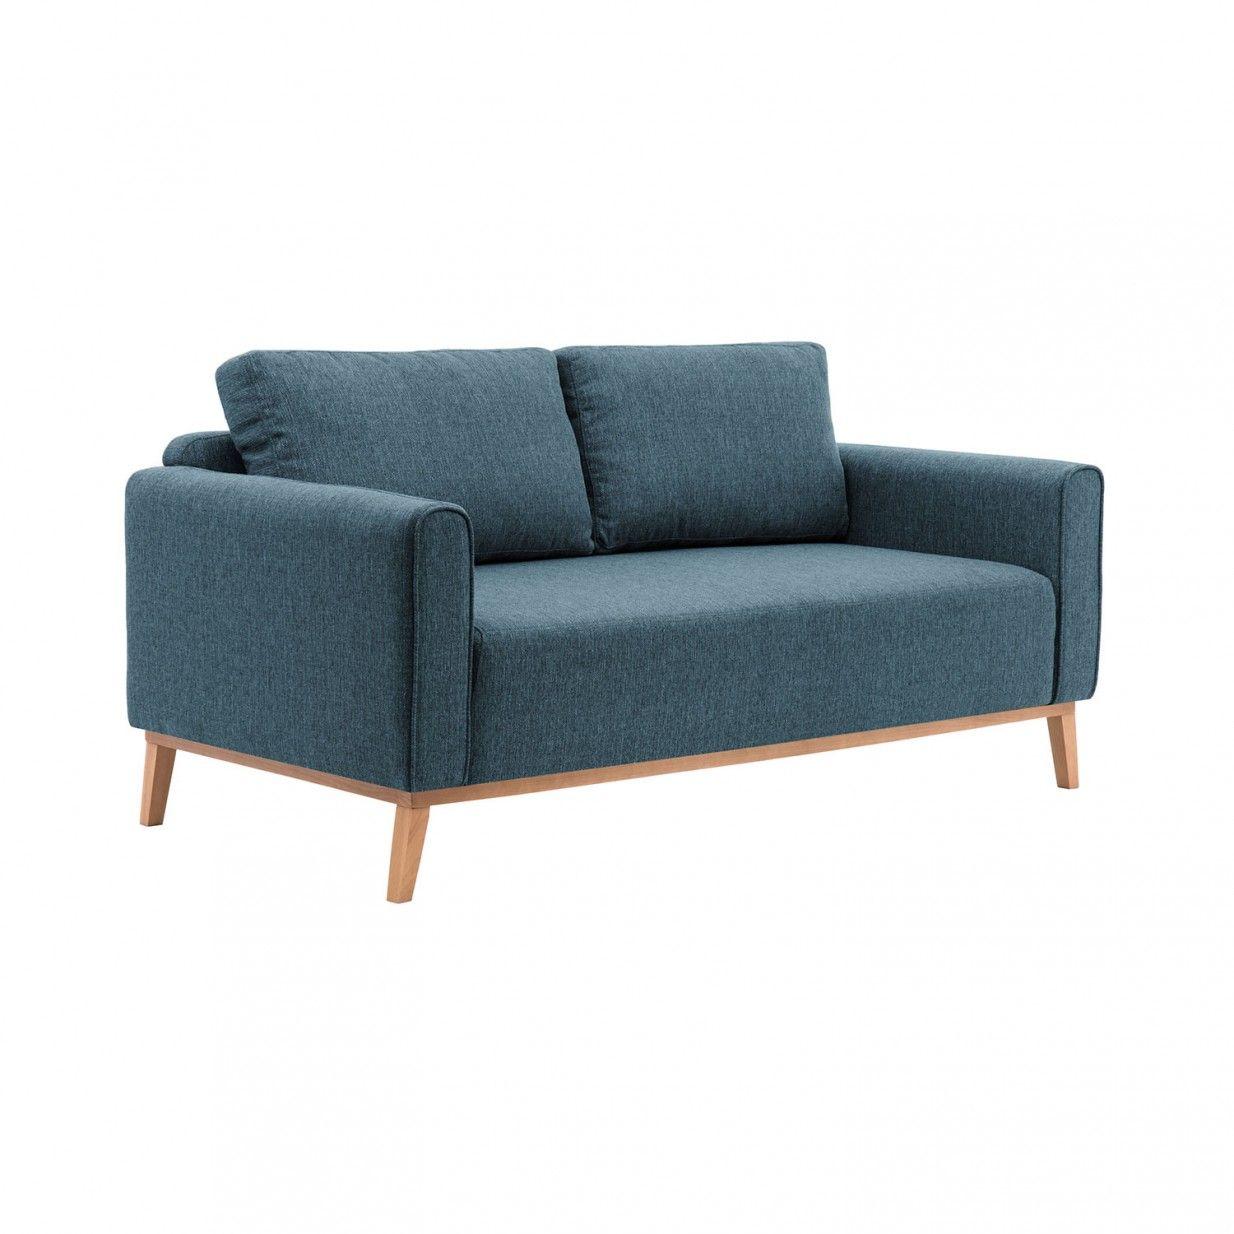 Milton 3 Sitzer Sofa Blau Vivonita Mobelstuck 3 Sitzer Sofa Einrichtung